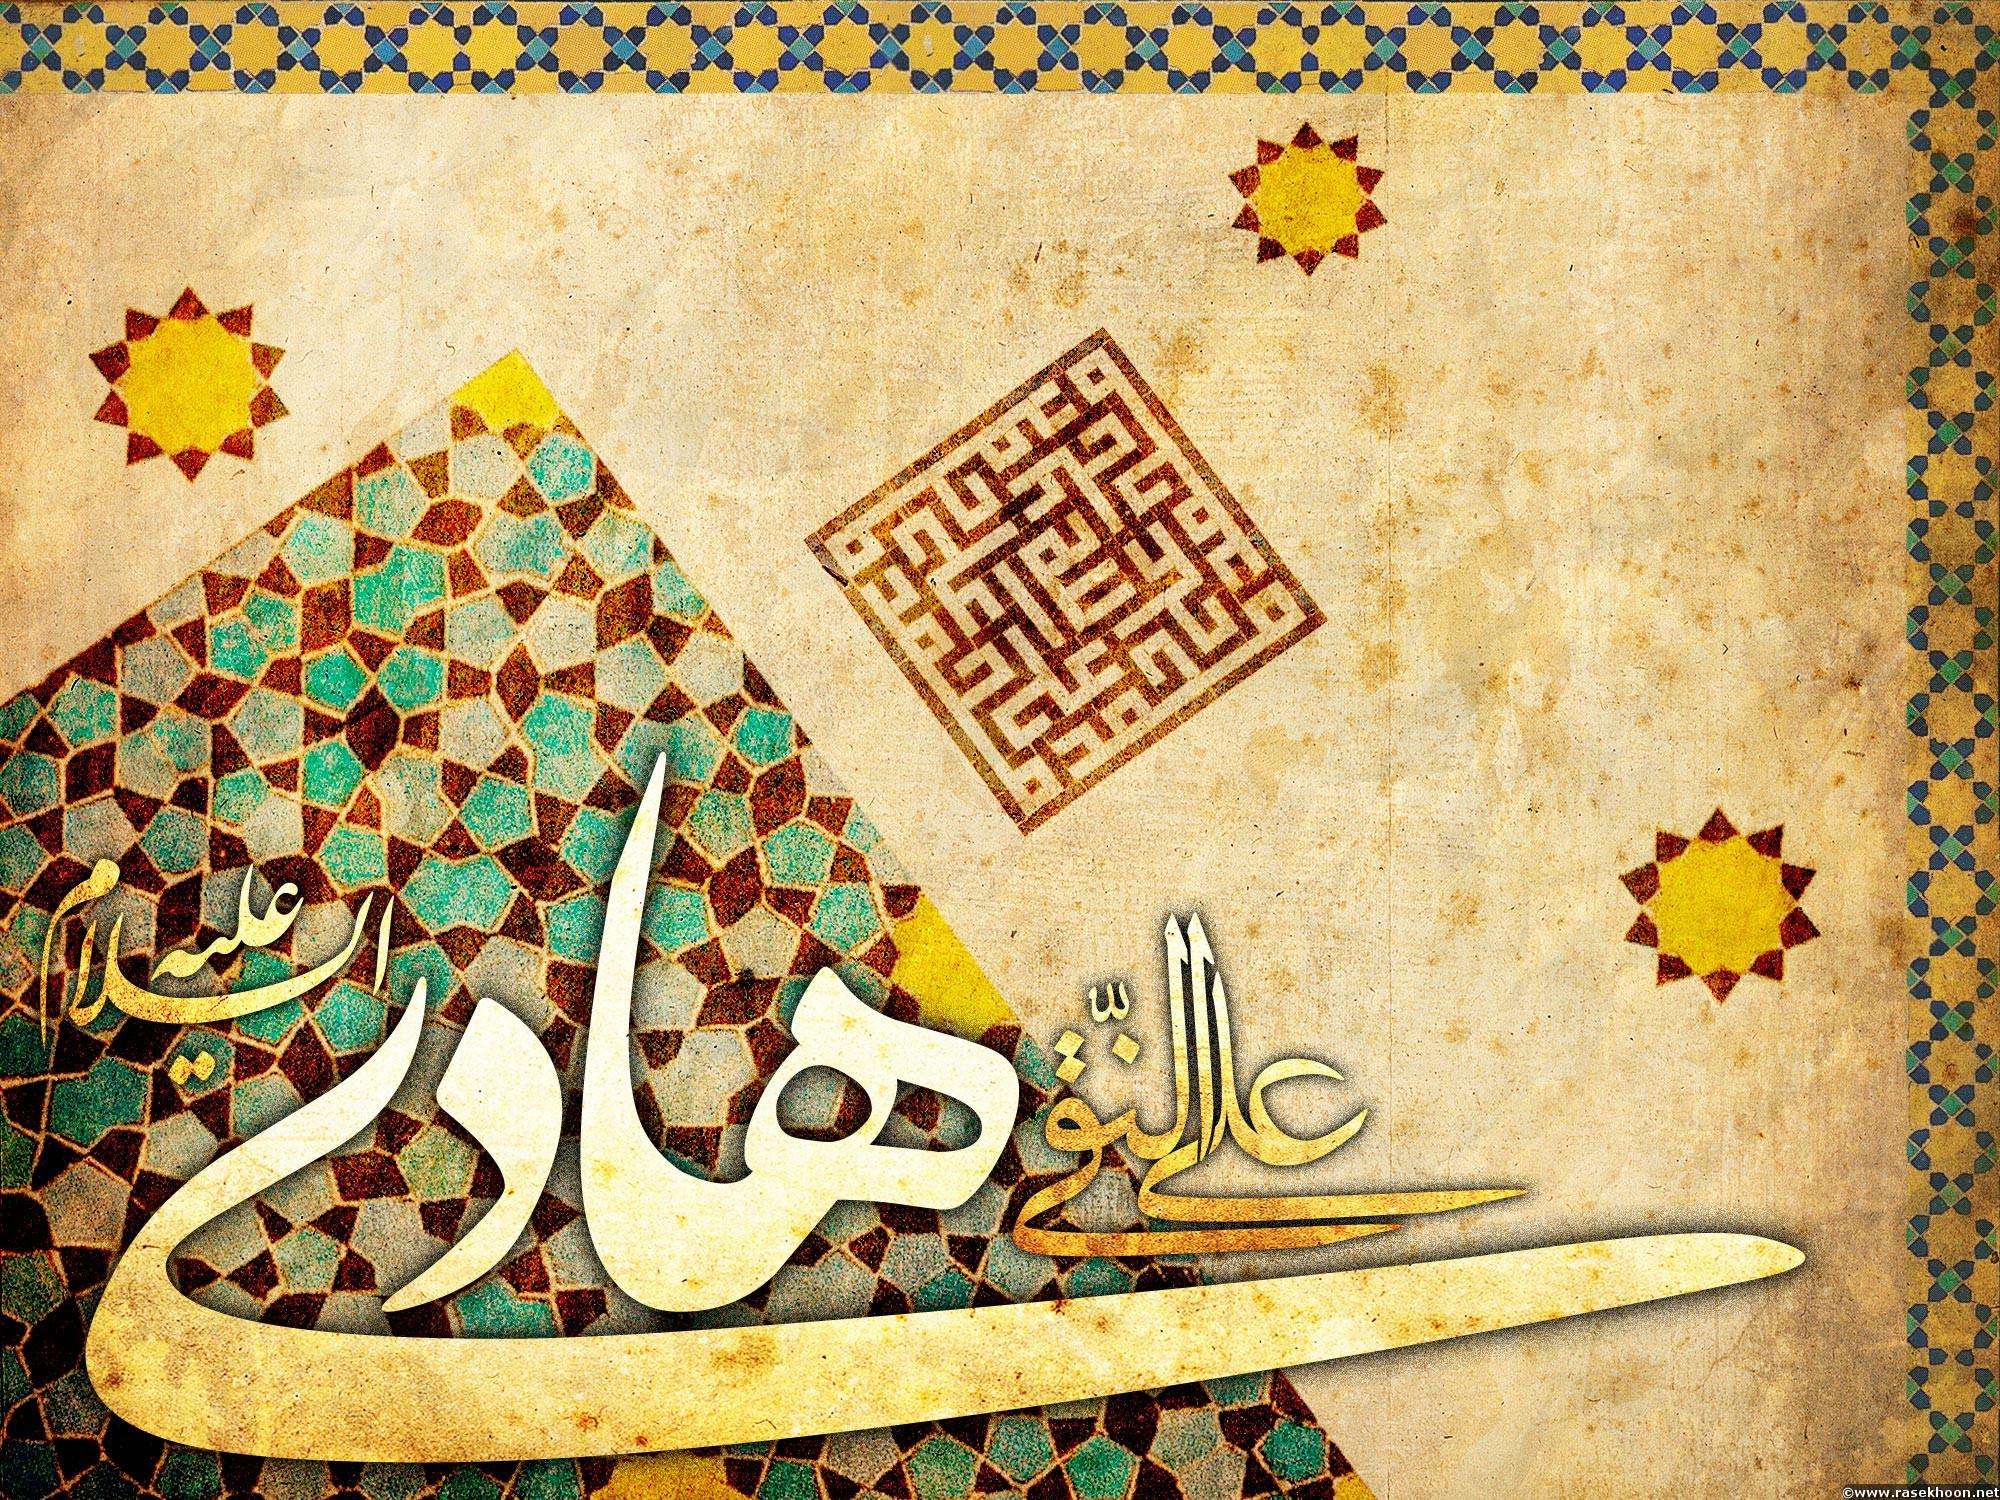 ولادت امام هادی علیه السلام مبارک . سیدعلی افشاری